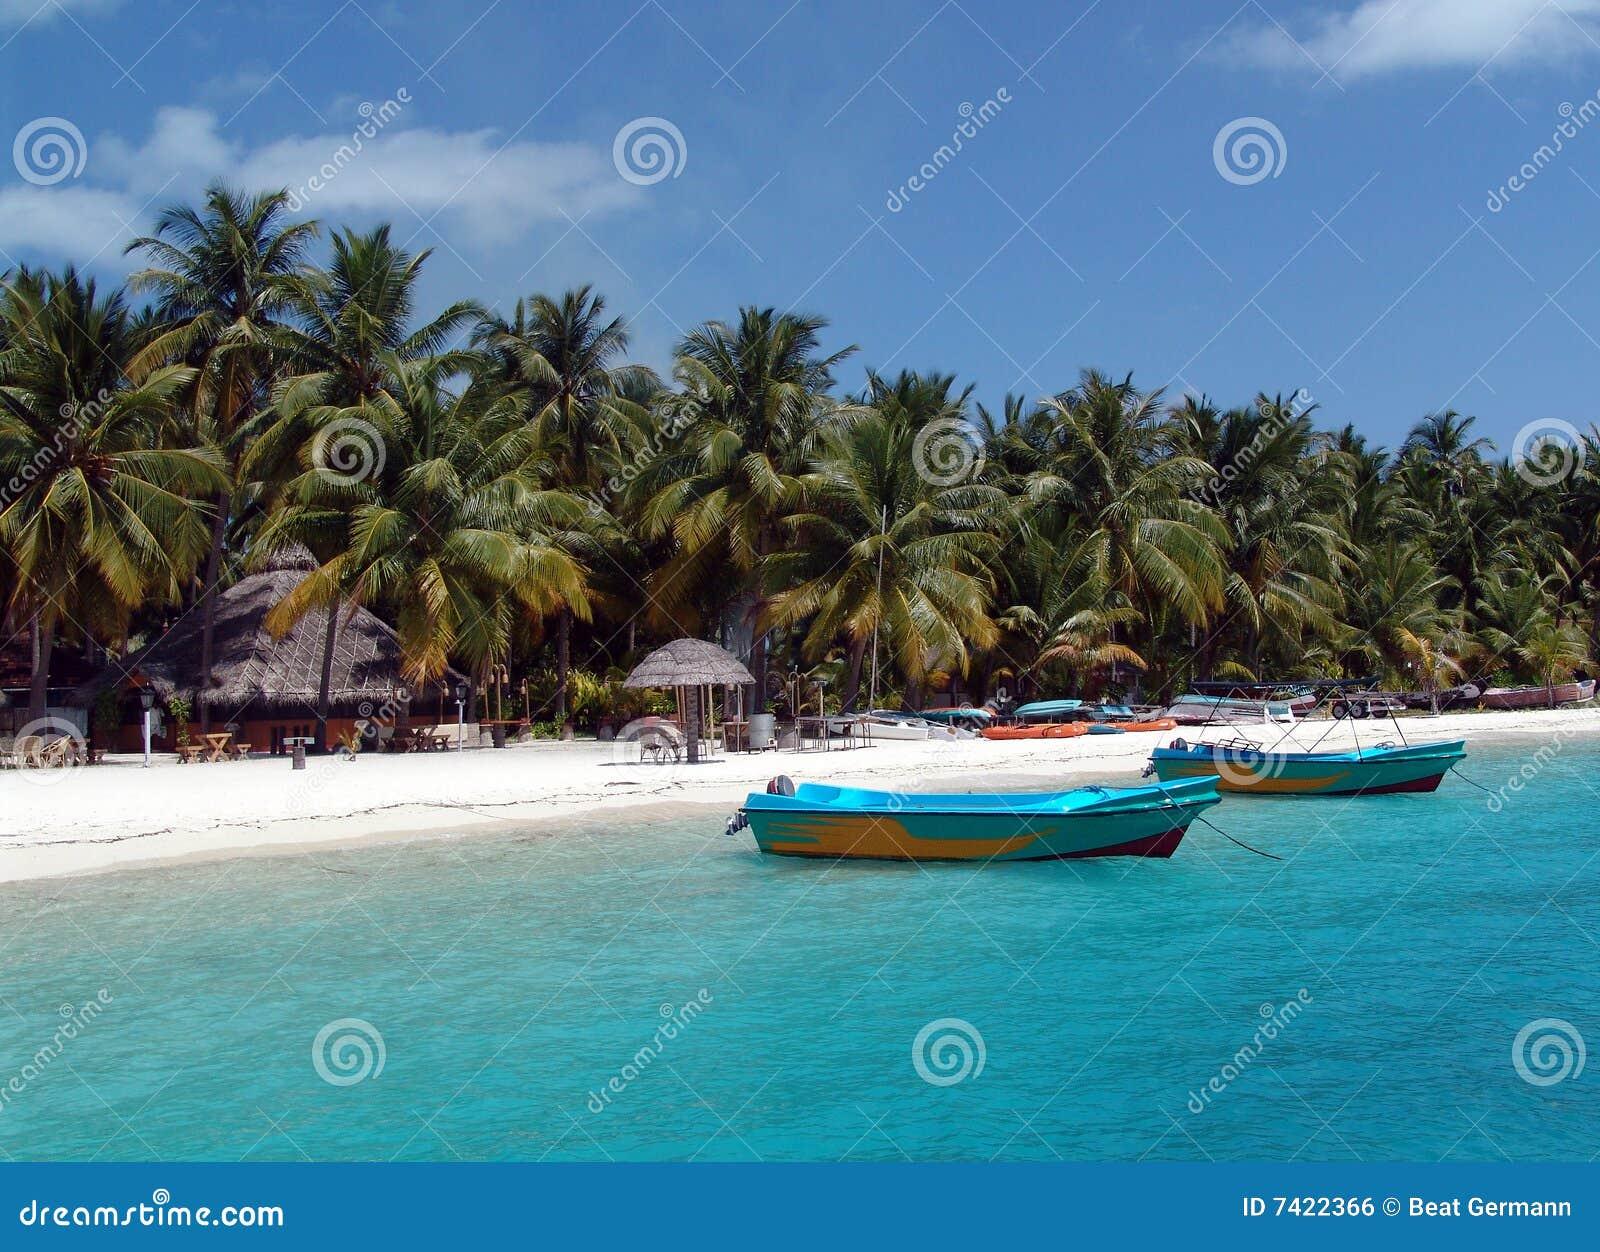 Bangaram Island Beach Resort Prices